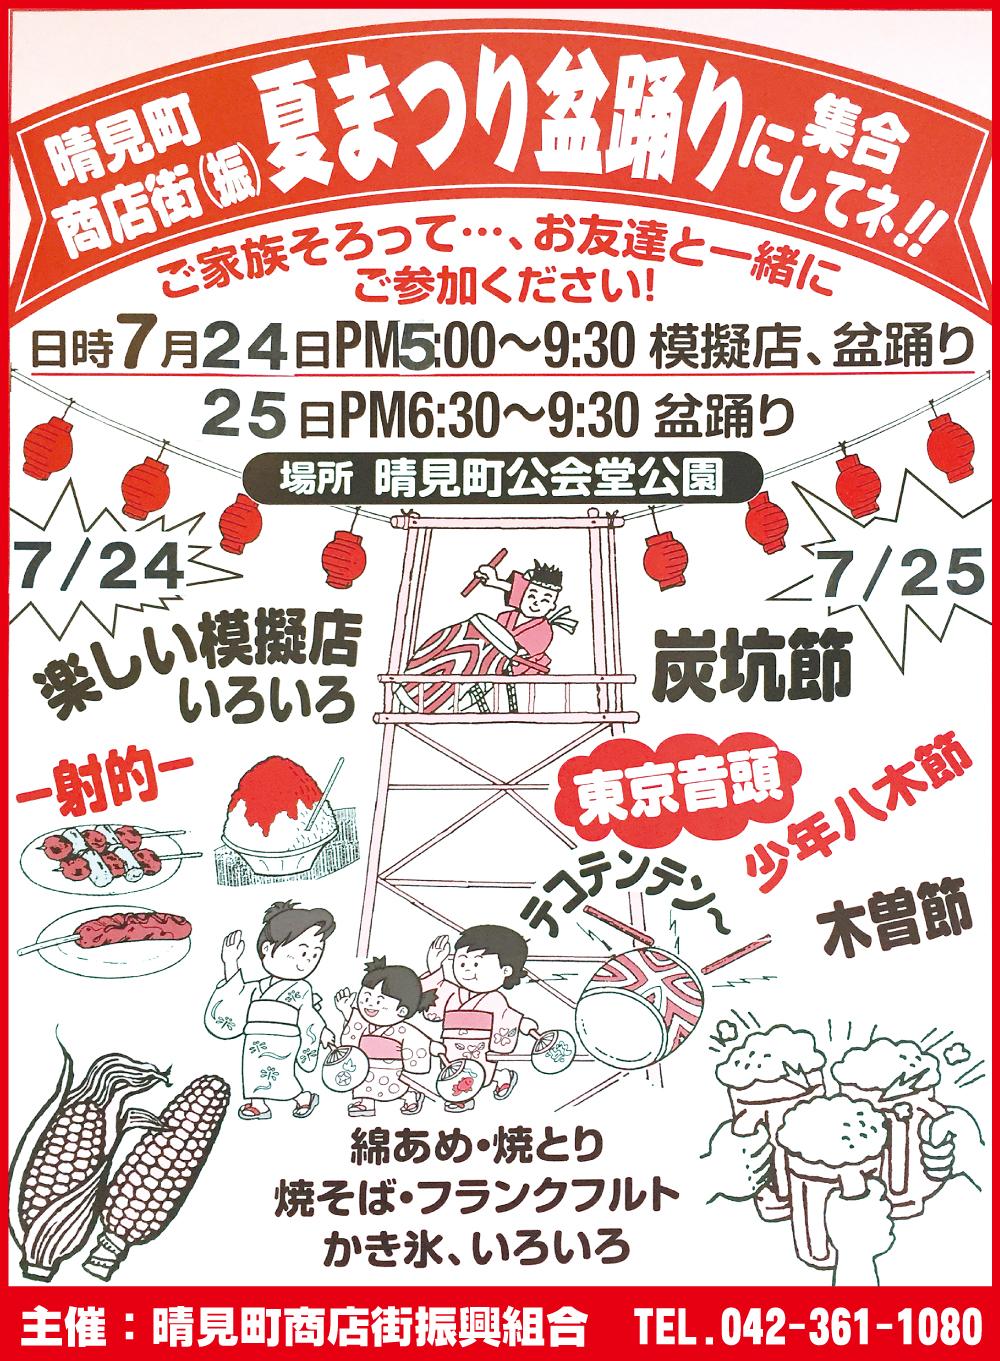 晴見町夏祭り(W1000×H1361)